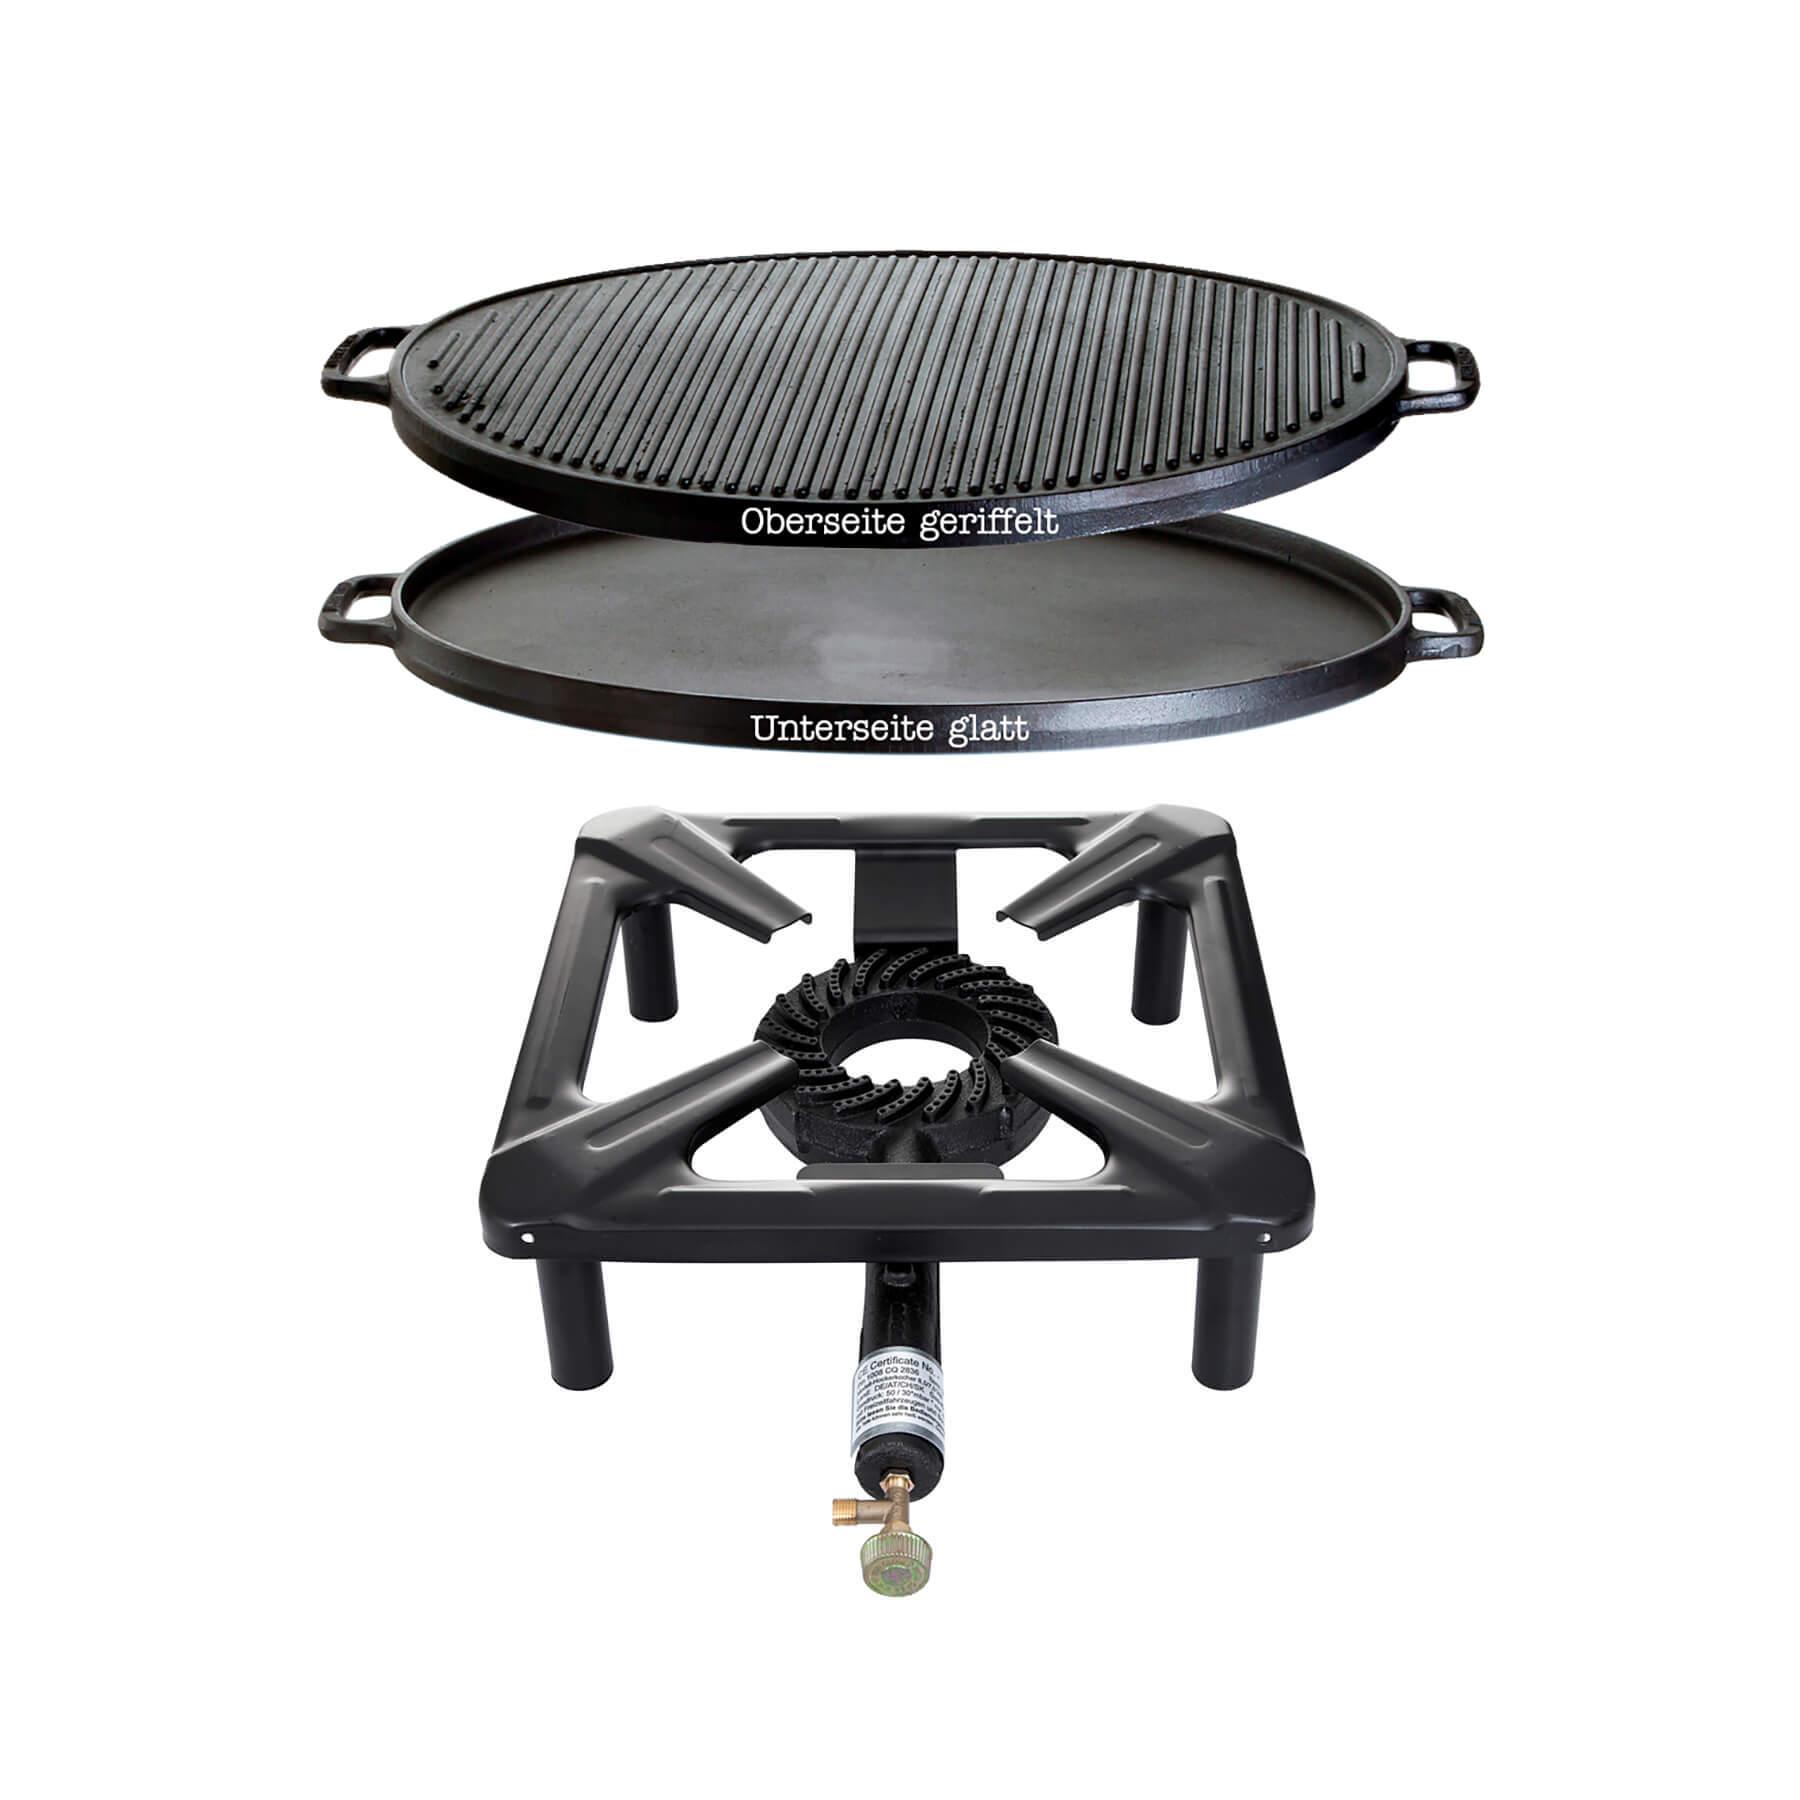 Hockerkocher-Set (groß) mit Gusseisengrillplatte Ø 55 cm - ohne Zündsicherung Bild 1